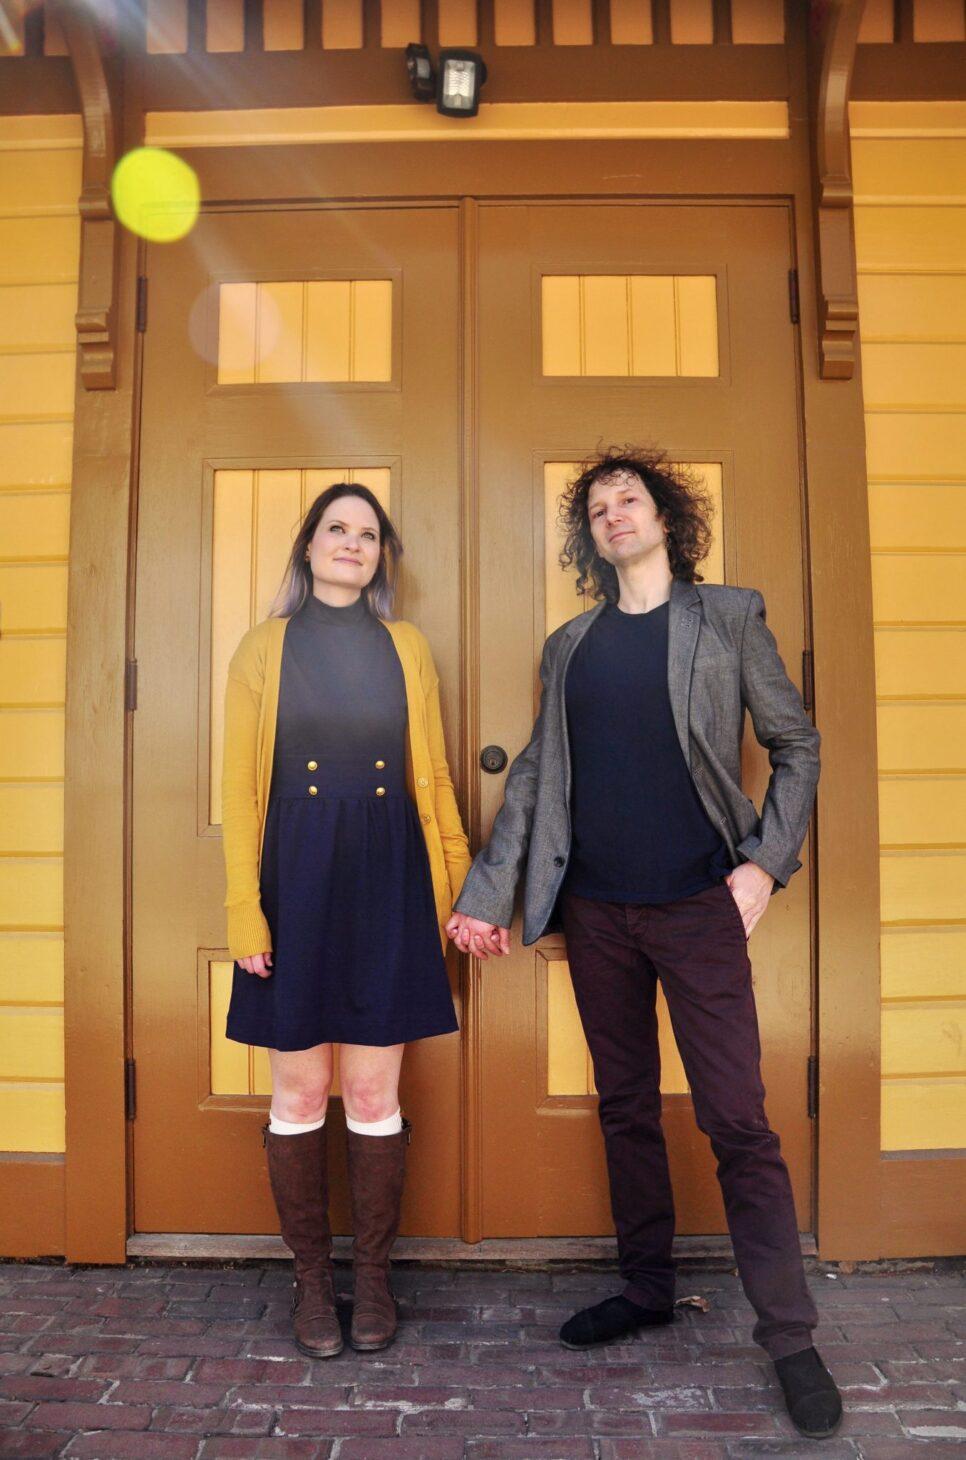 Robert & Jenna